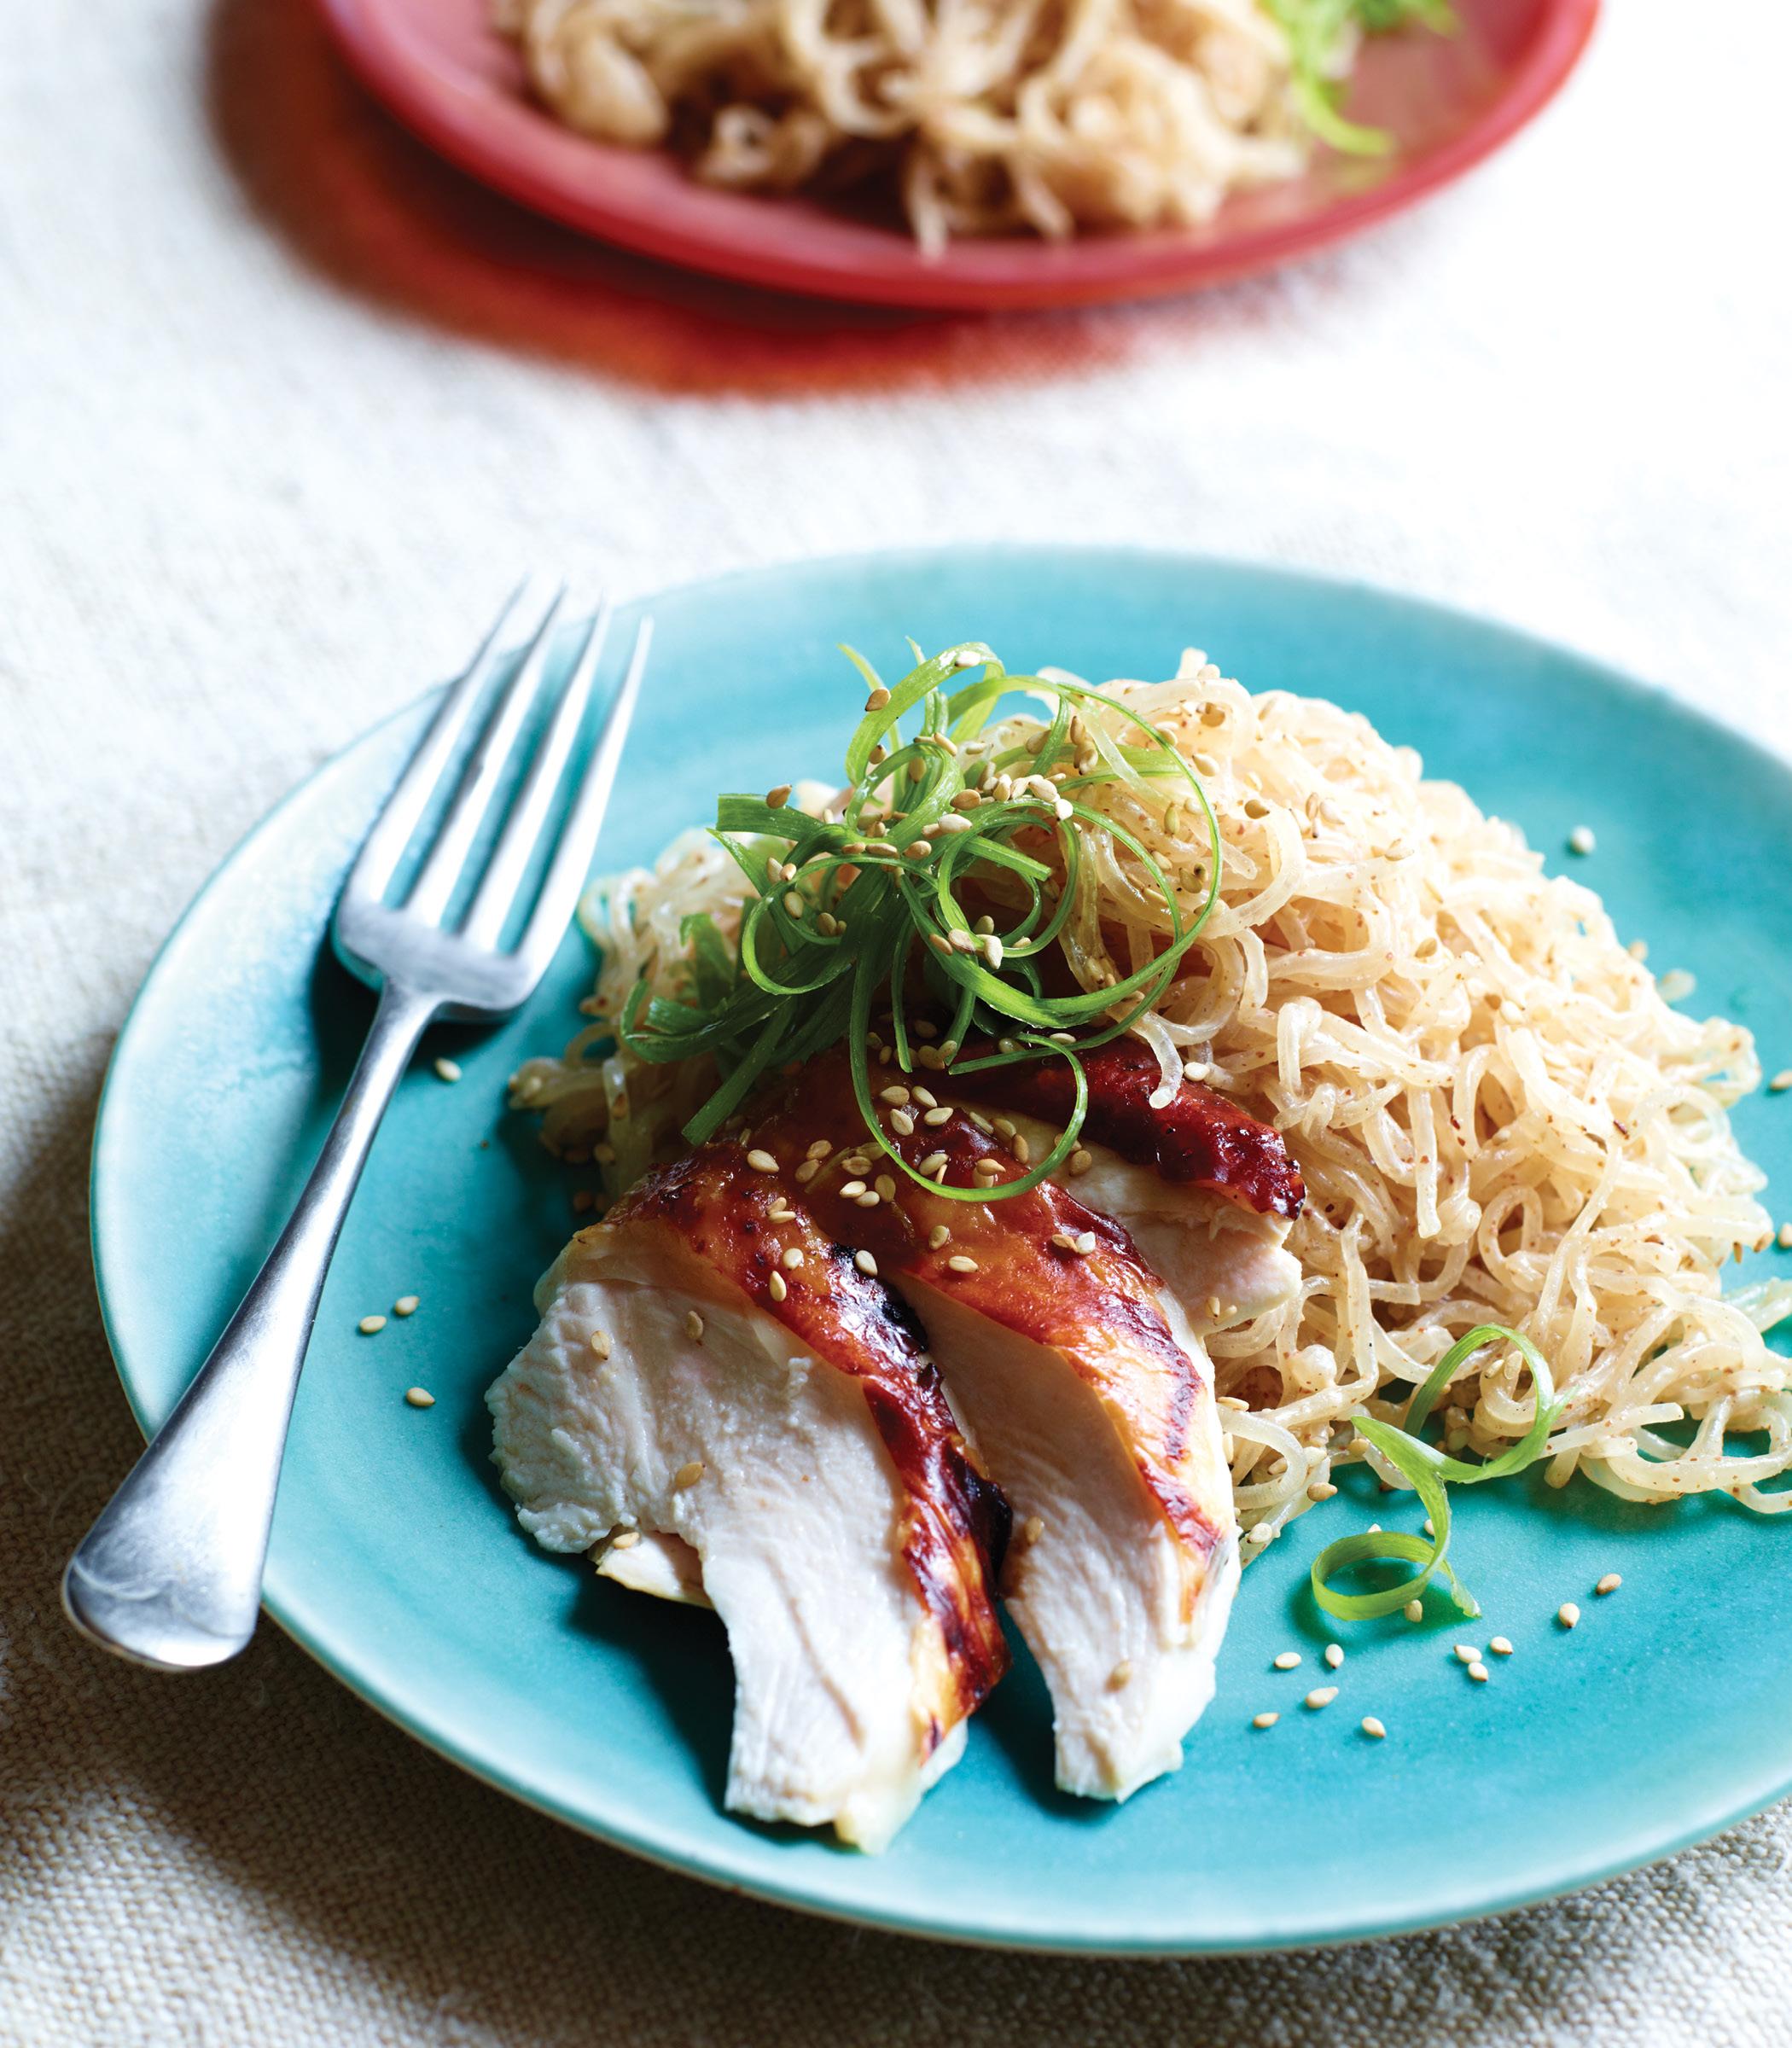 PCEP Sesame Noodles image p 59